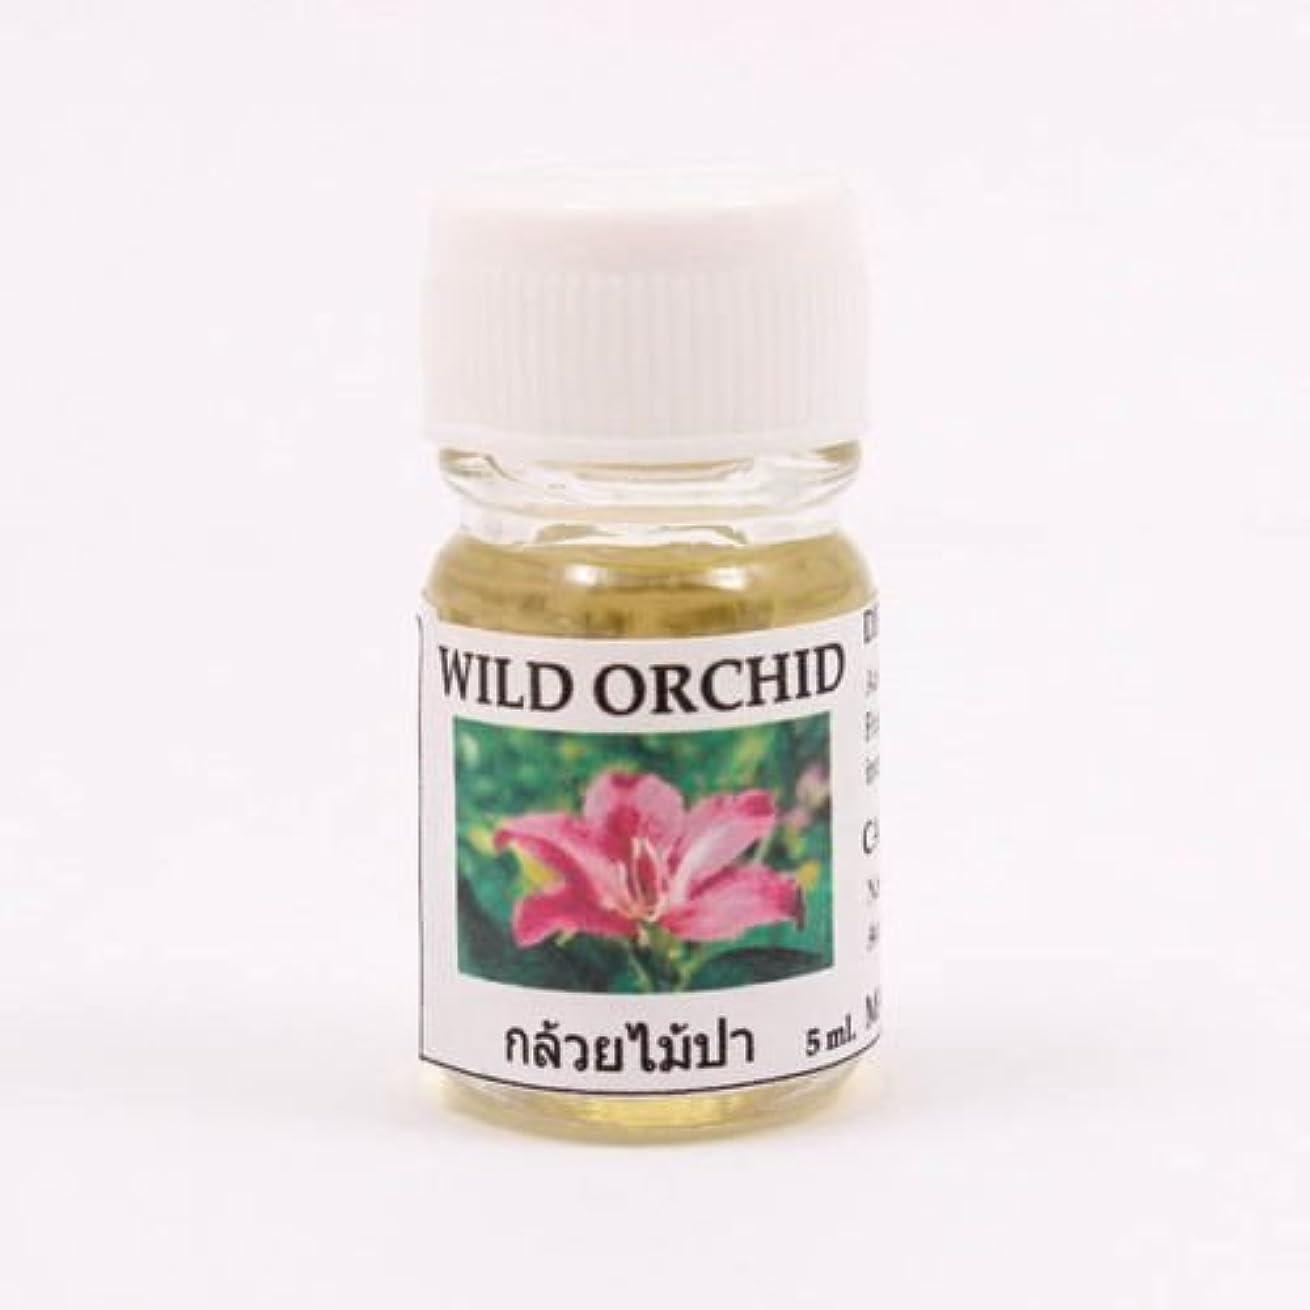 スクラップブック大臣備品6X Wild Orchid Fragrance Essential Oil 5ML. (cc) Diffuser Burner Therapy